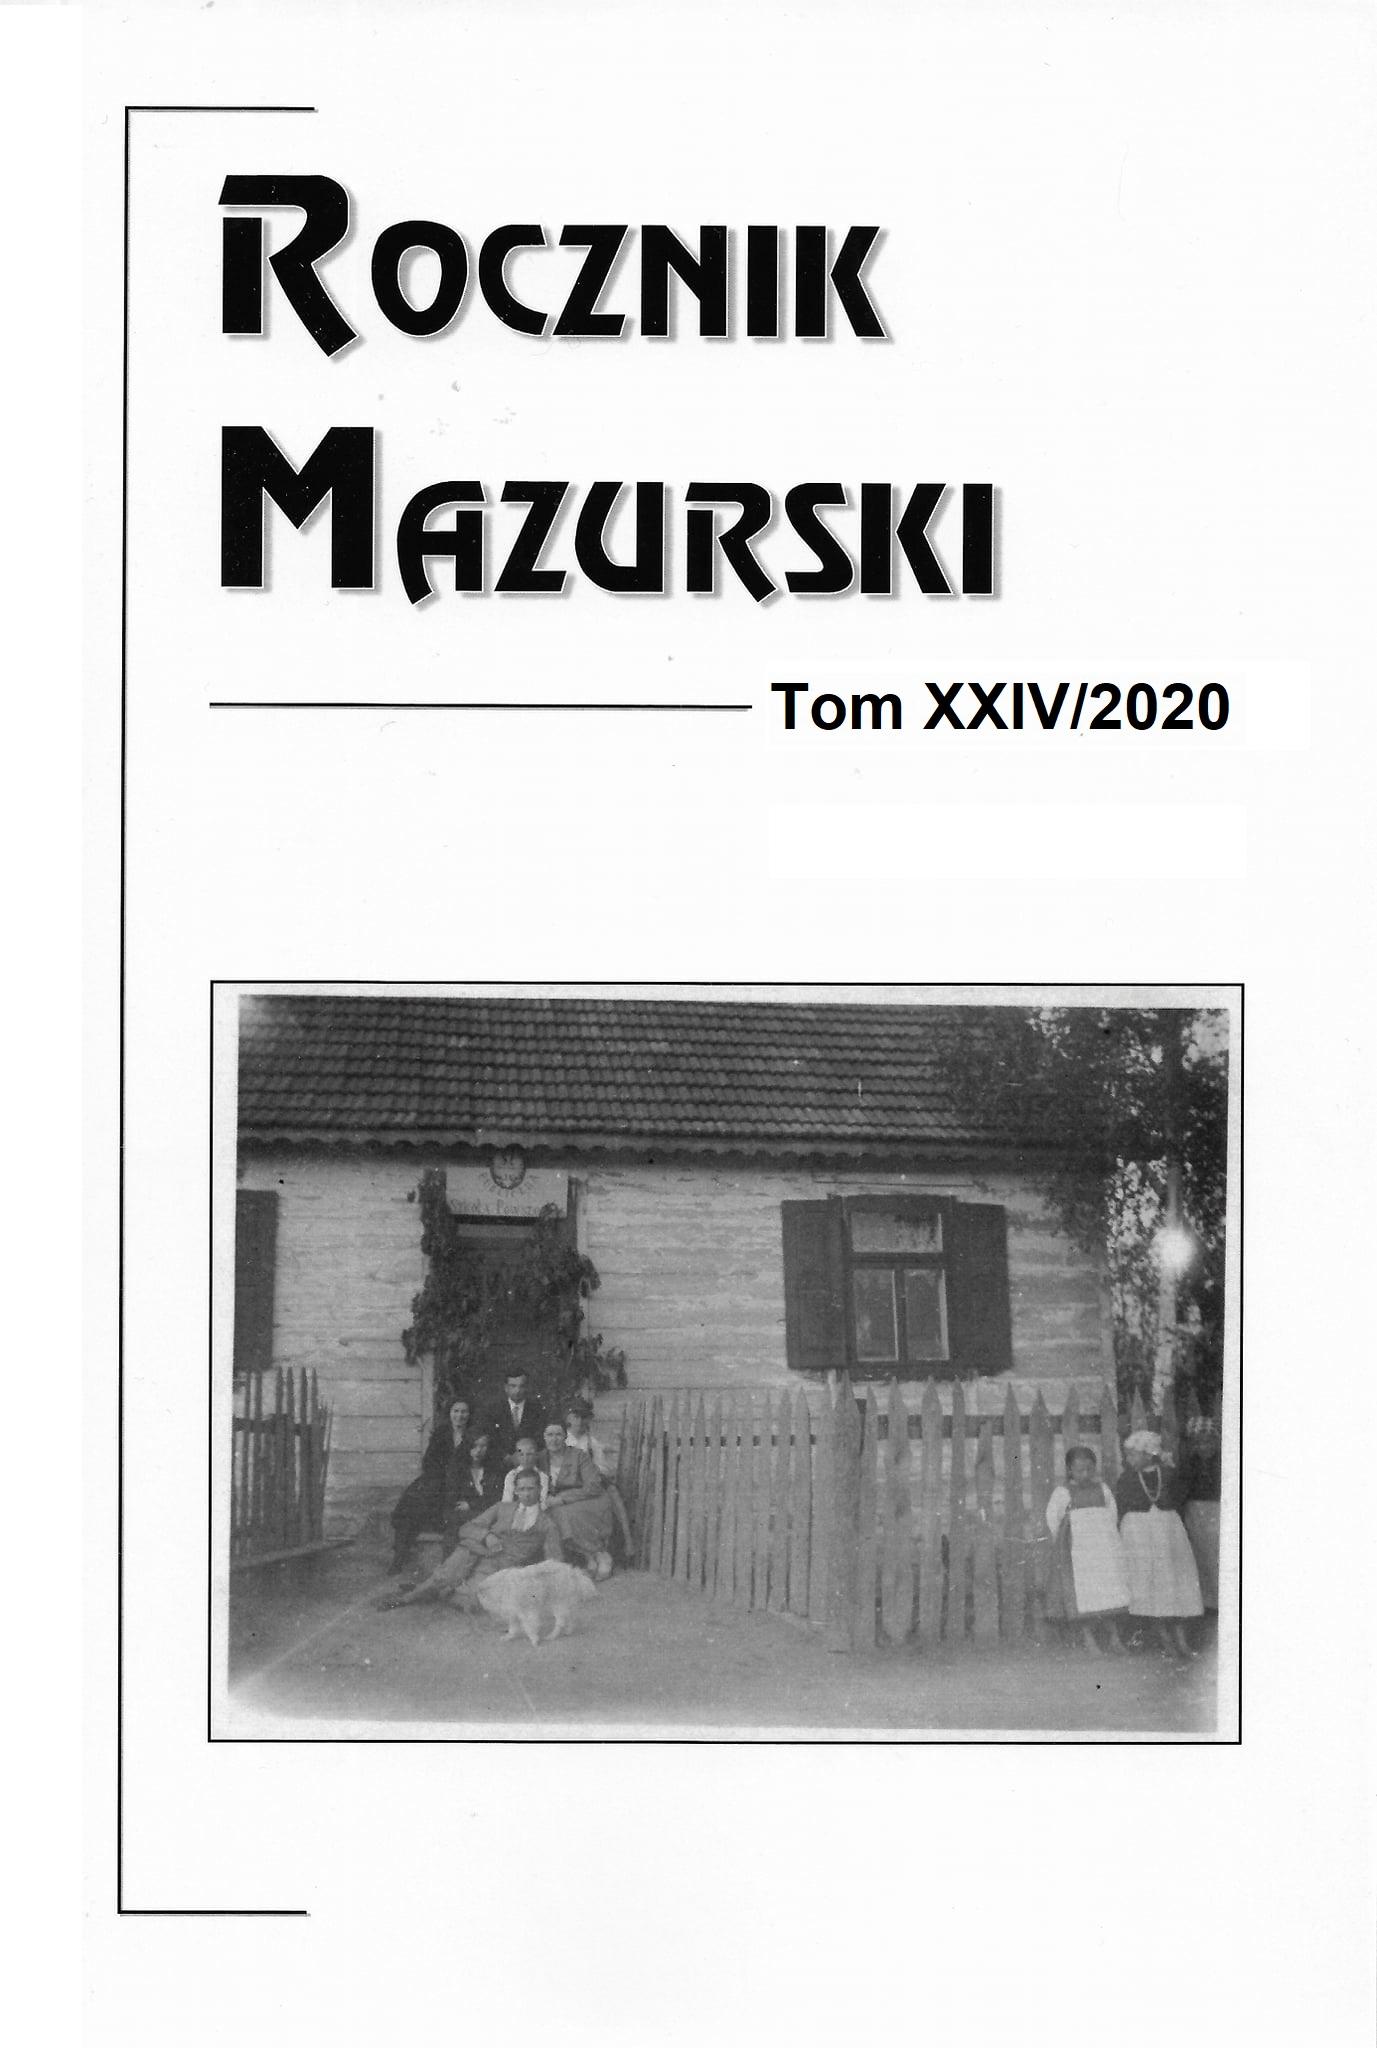 https://m.powiatszczycienski.pl/2020/12/orig/134483492-2299418770201991-3418898313107672373-o-37134.jpg